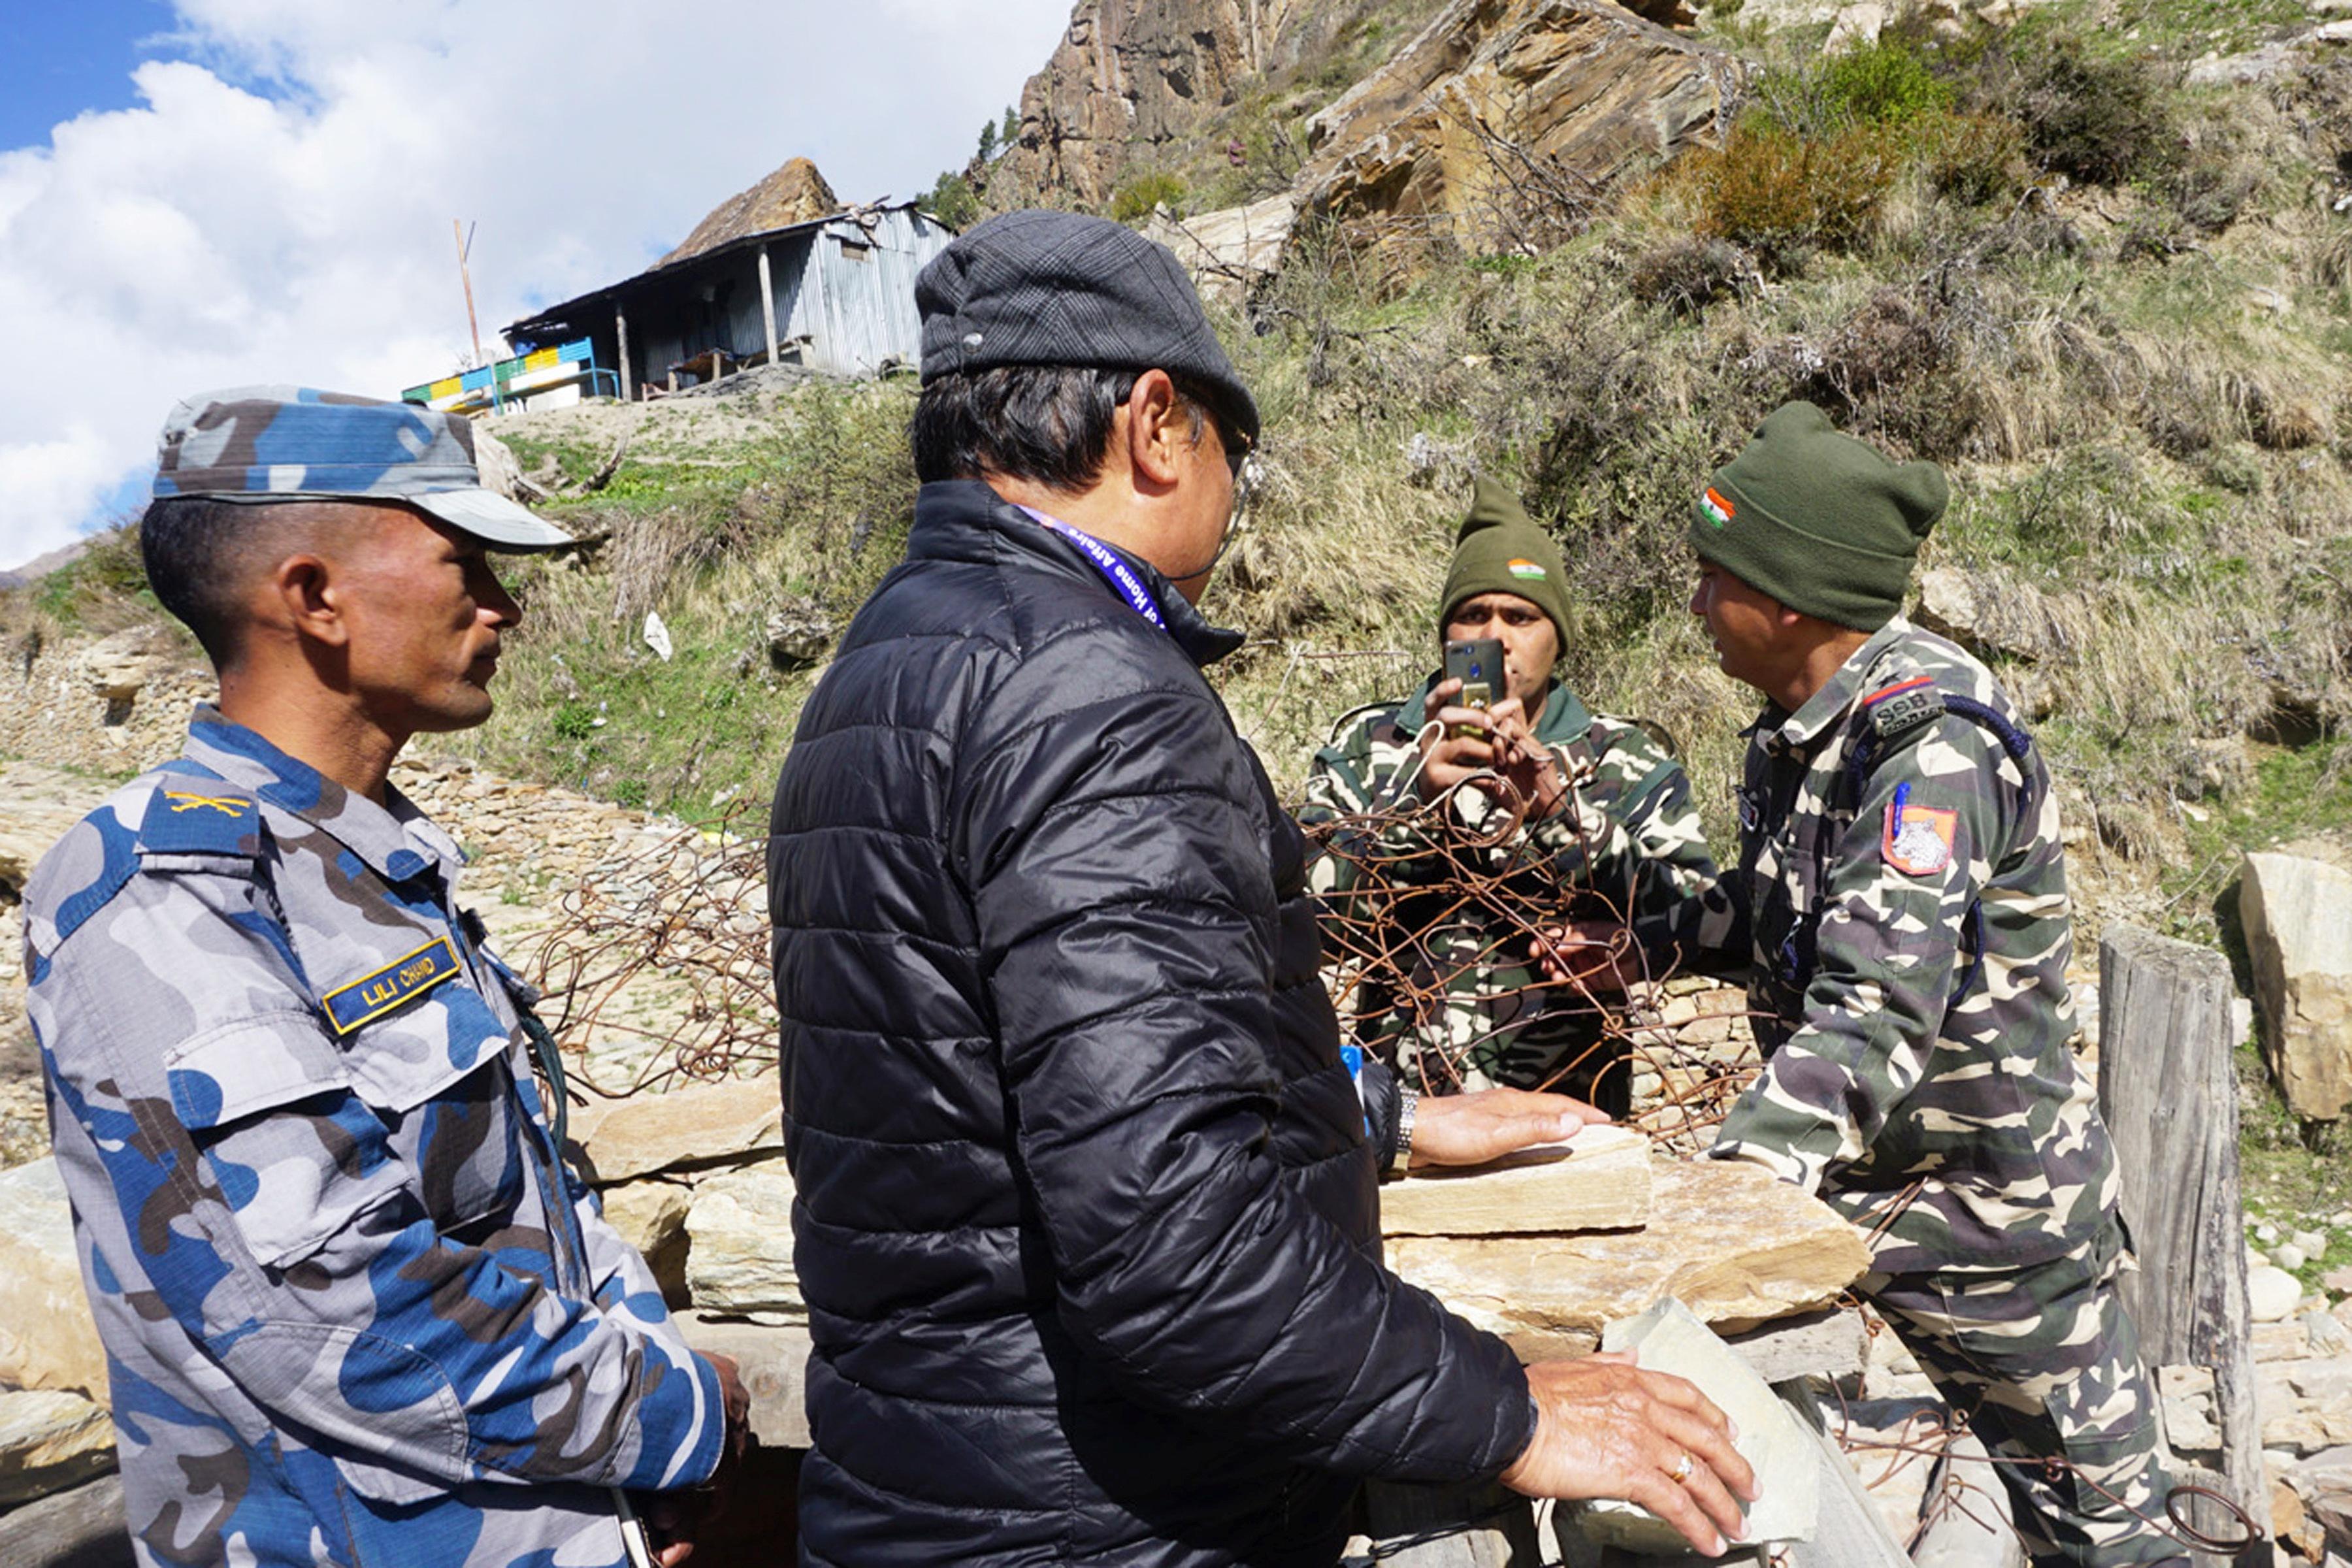 नेपाल–भारत सीमा जोडिएको महाकाली नदीमाथिको काठेपुलमा दुवै देशका सुरक्षाकर्मी